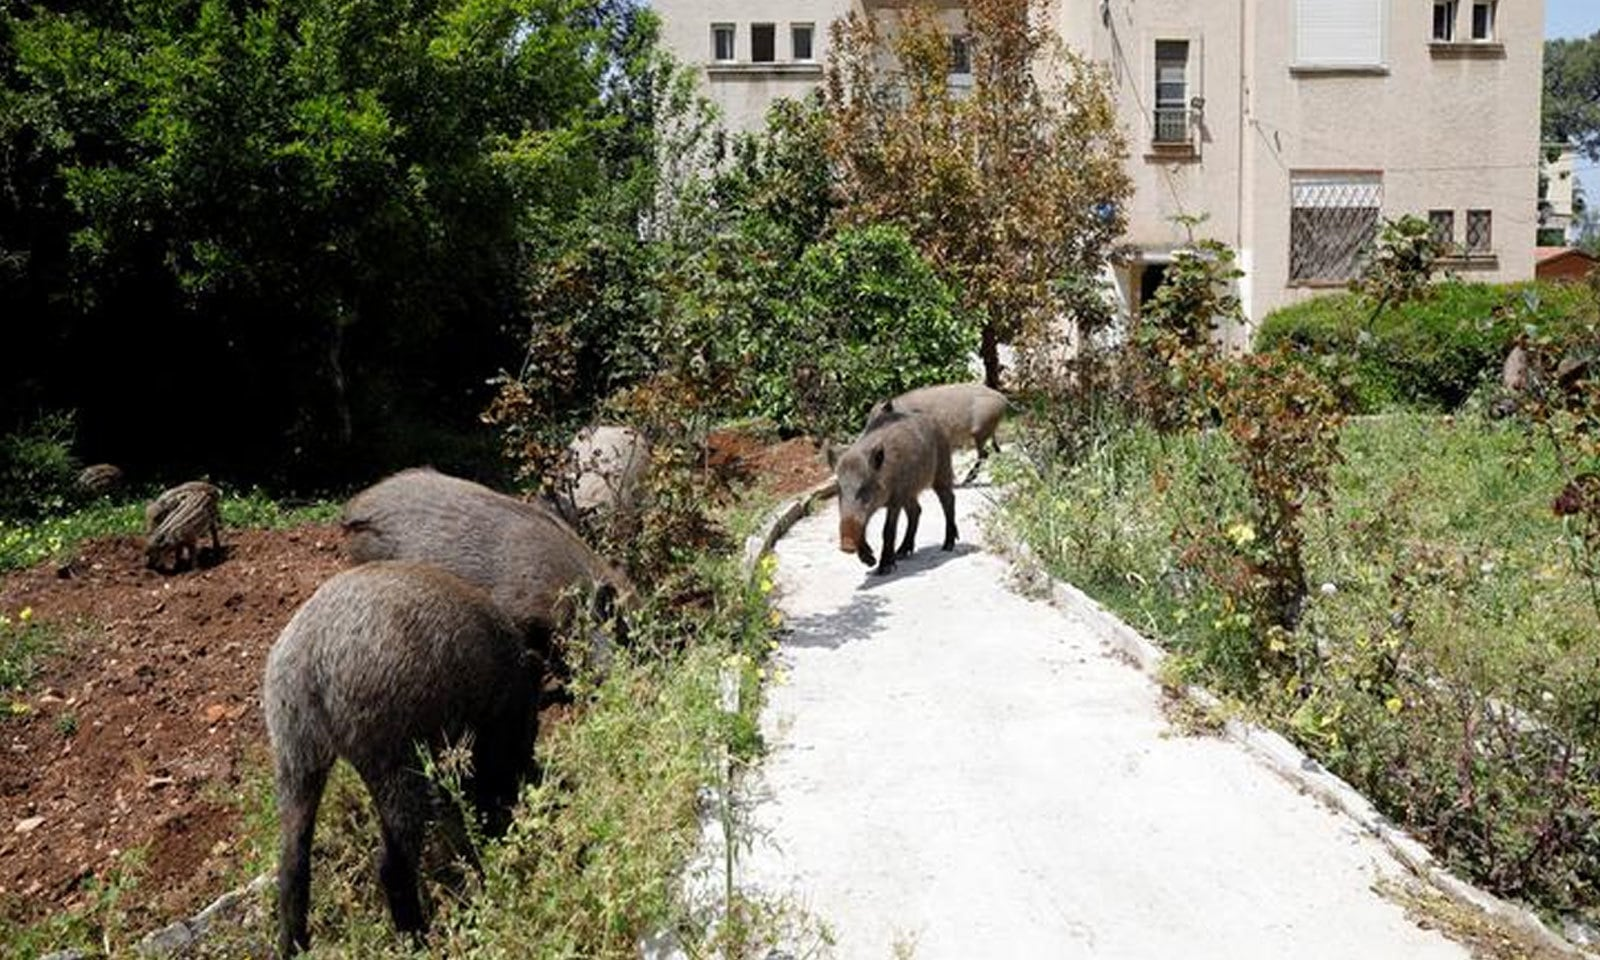 شمالی اسرائیل میں جنگلی سور عمارت کے باہر موجود ہیں—فوٹو: رائٹرز